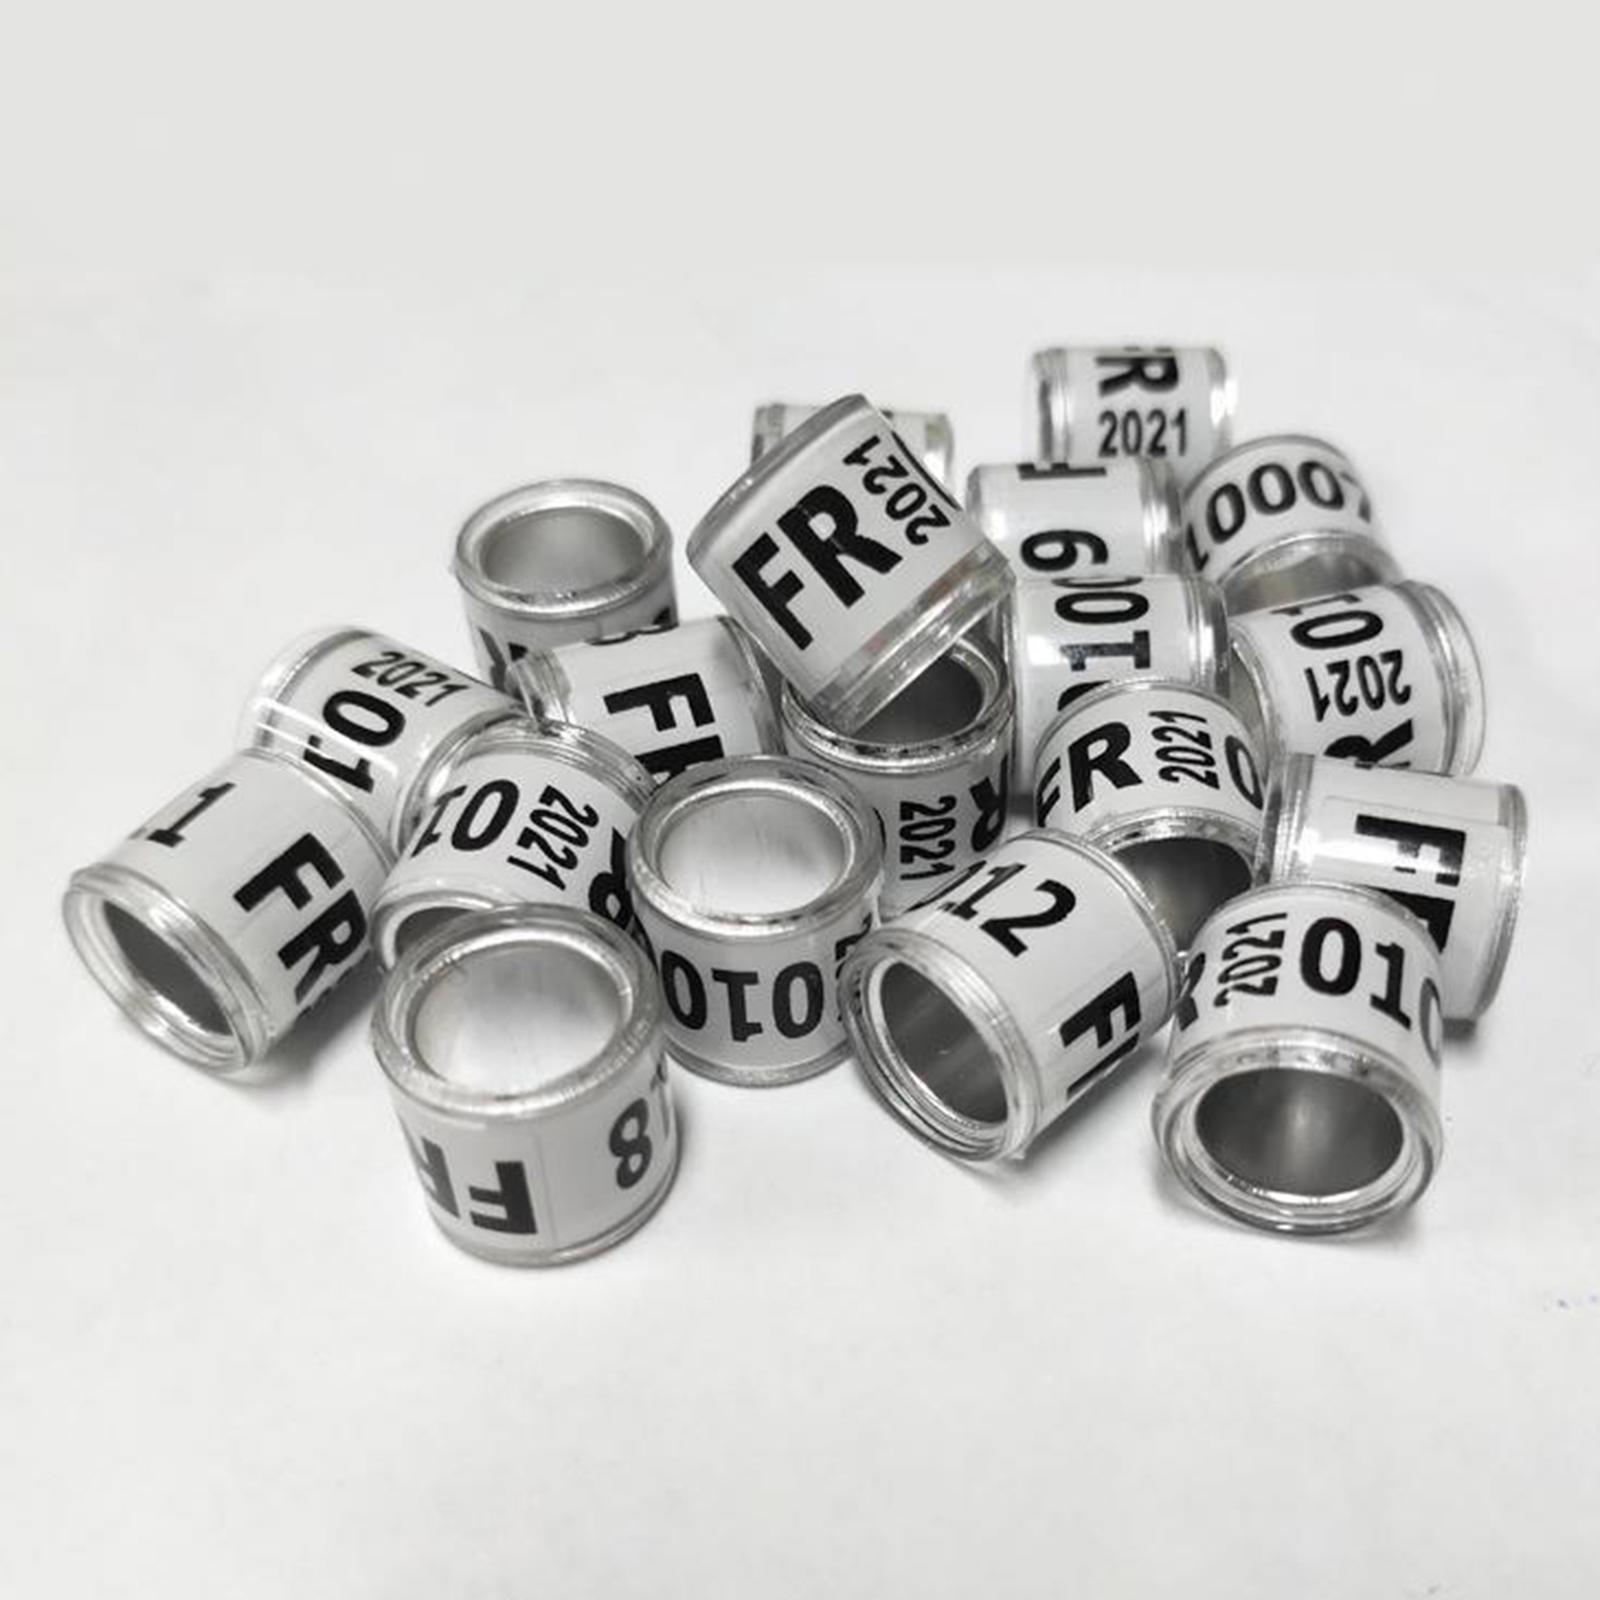 Indexbild 4 - Set von 100 2021 aluminium-renn tauben bänder bänder wieder verwendbar für